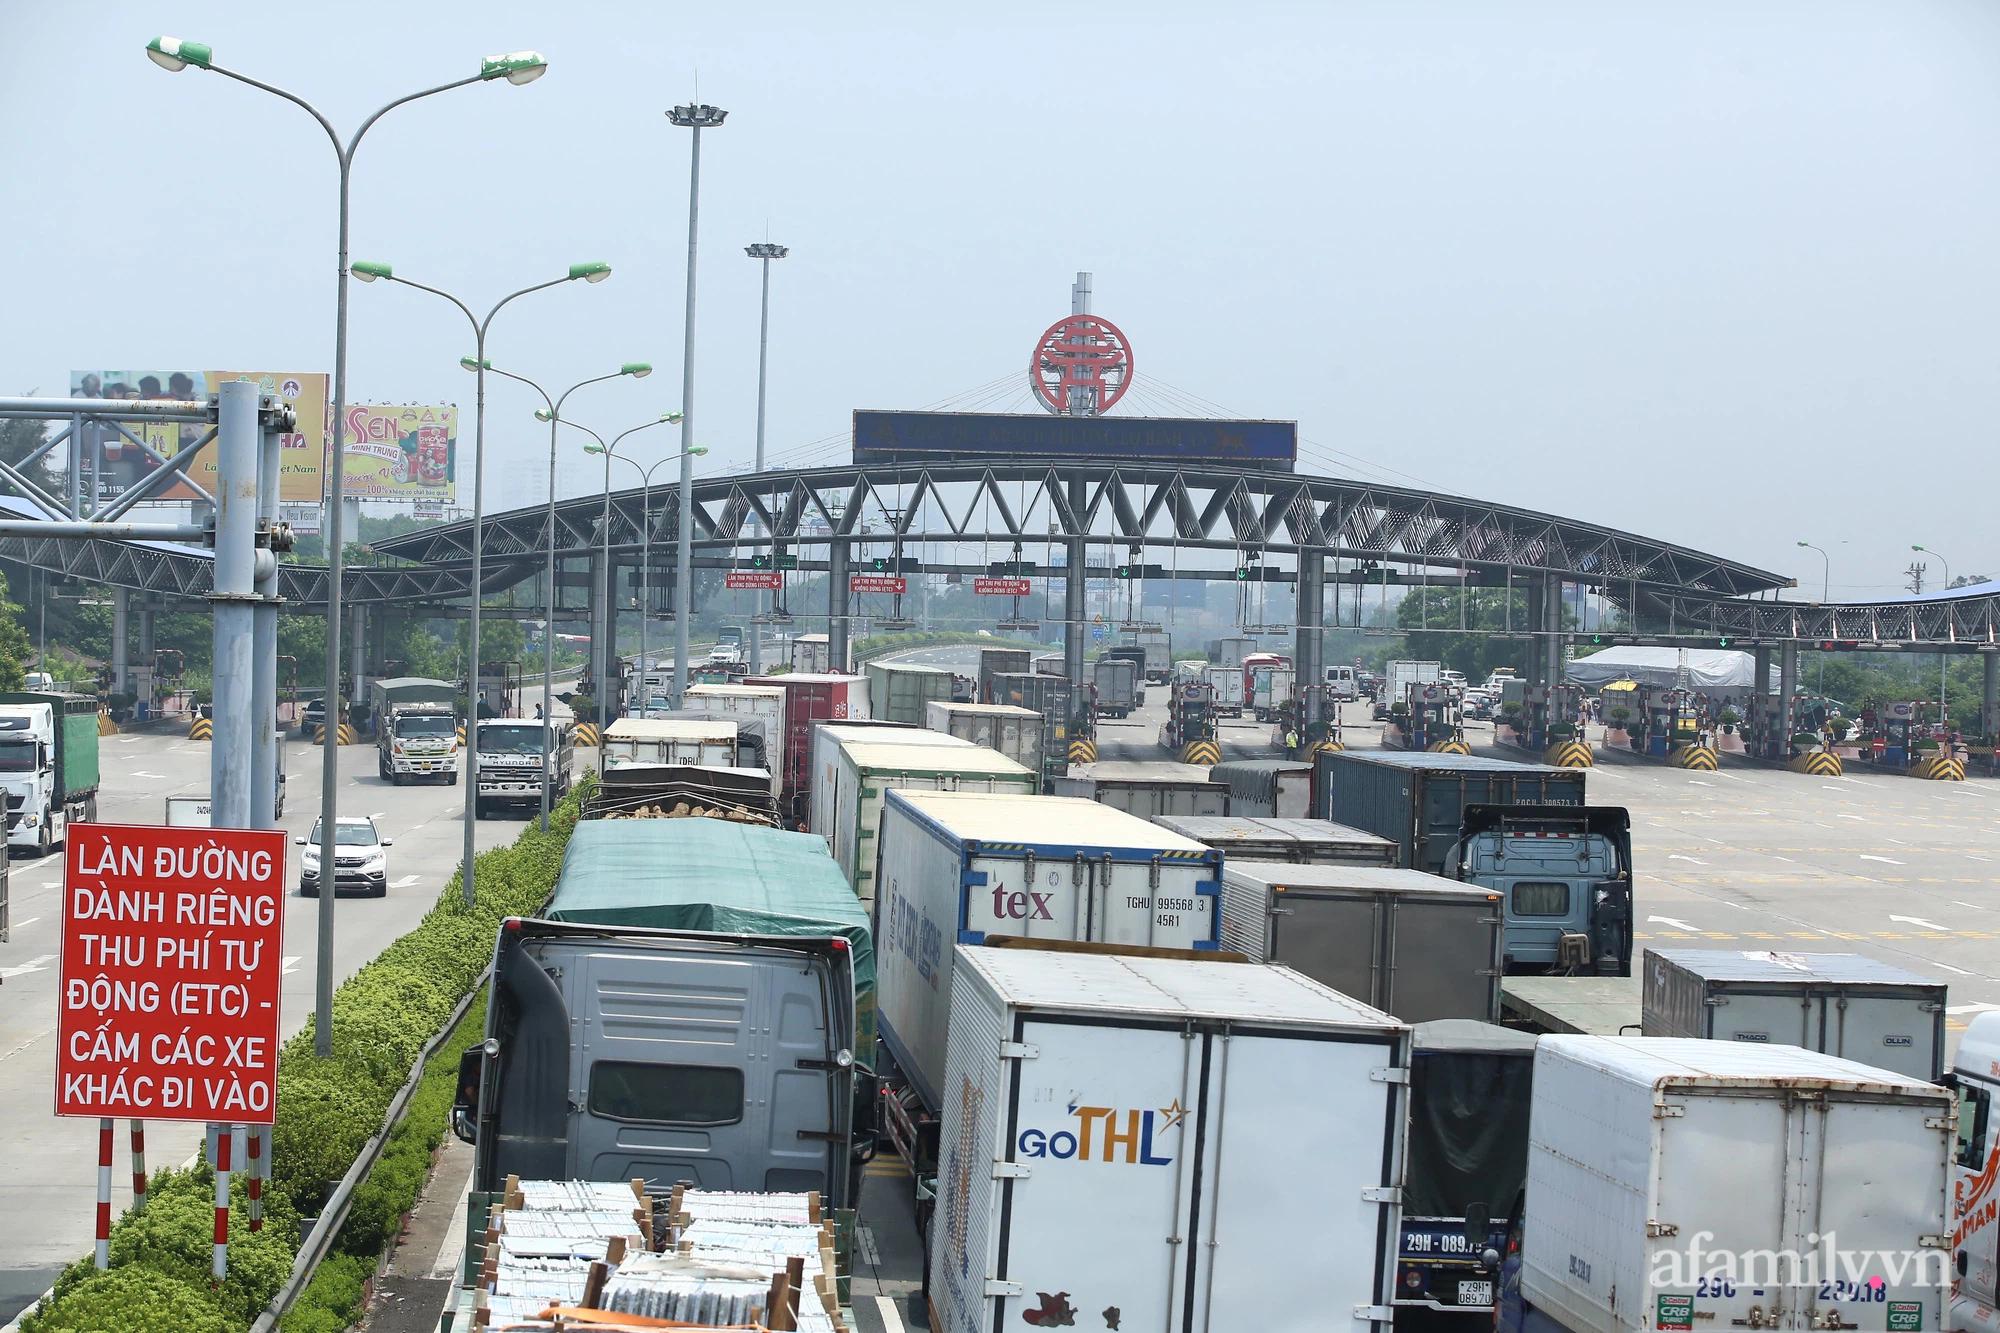 Hà Nội chỉ đạo khẩn để làm giảm ùn tắc ở 22 chốt kiểm dịch ra vào cửa ngõ Thủ đô - Ảnh 1.